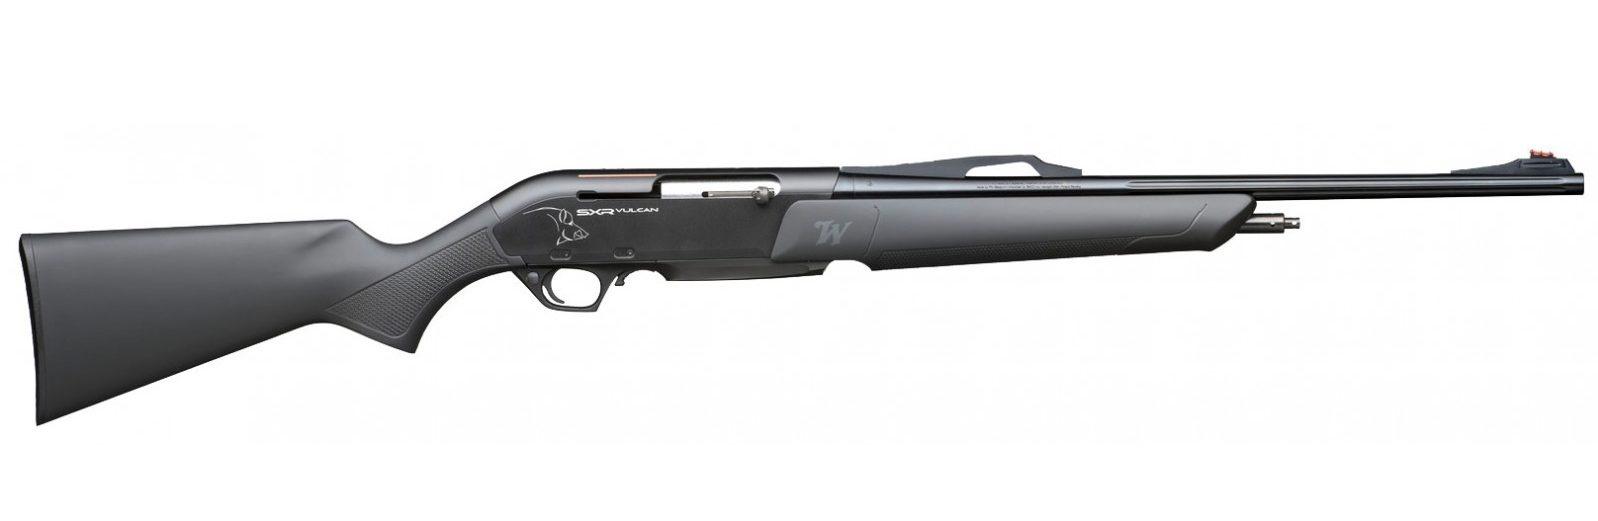 Winchester Sxr Tracker